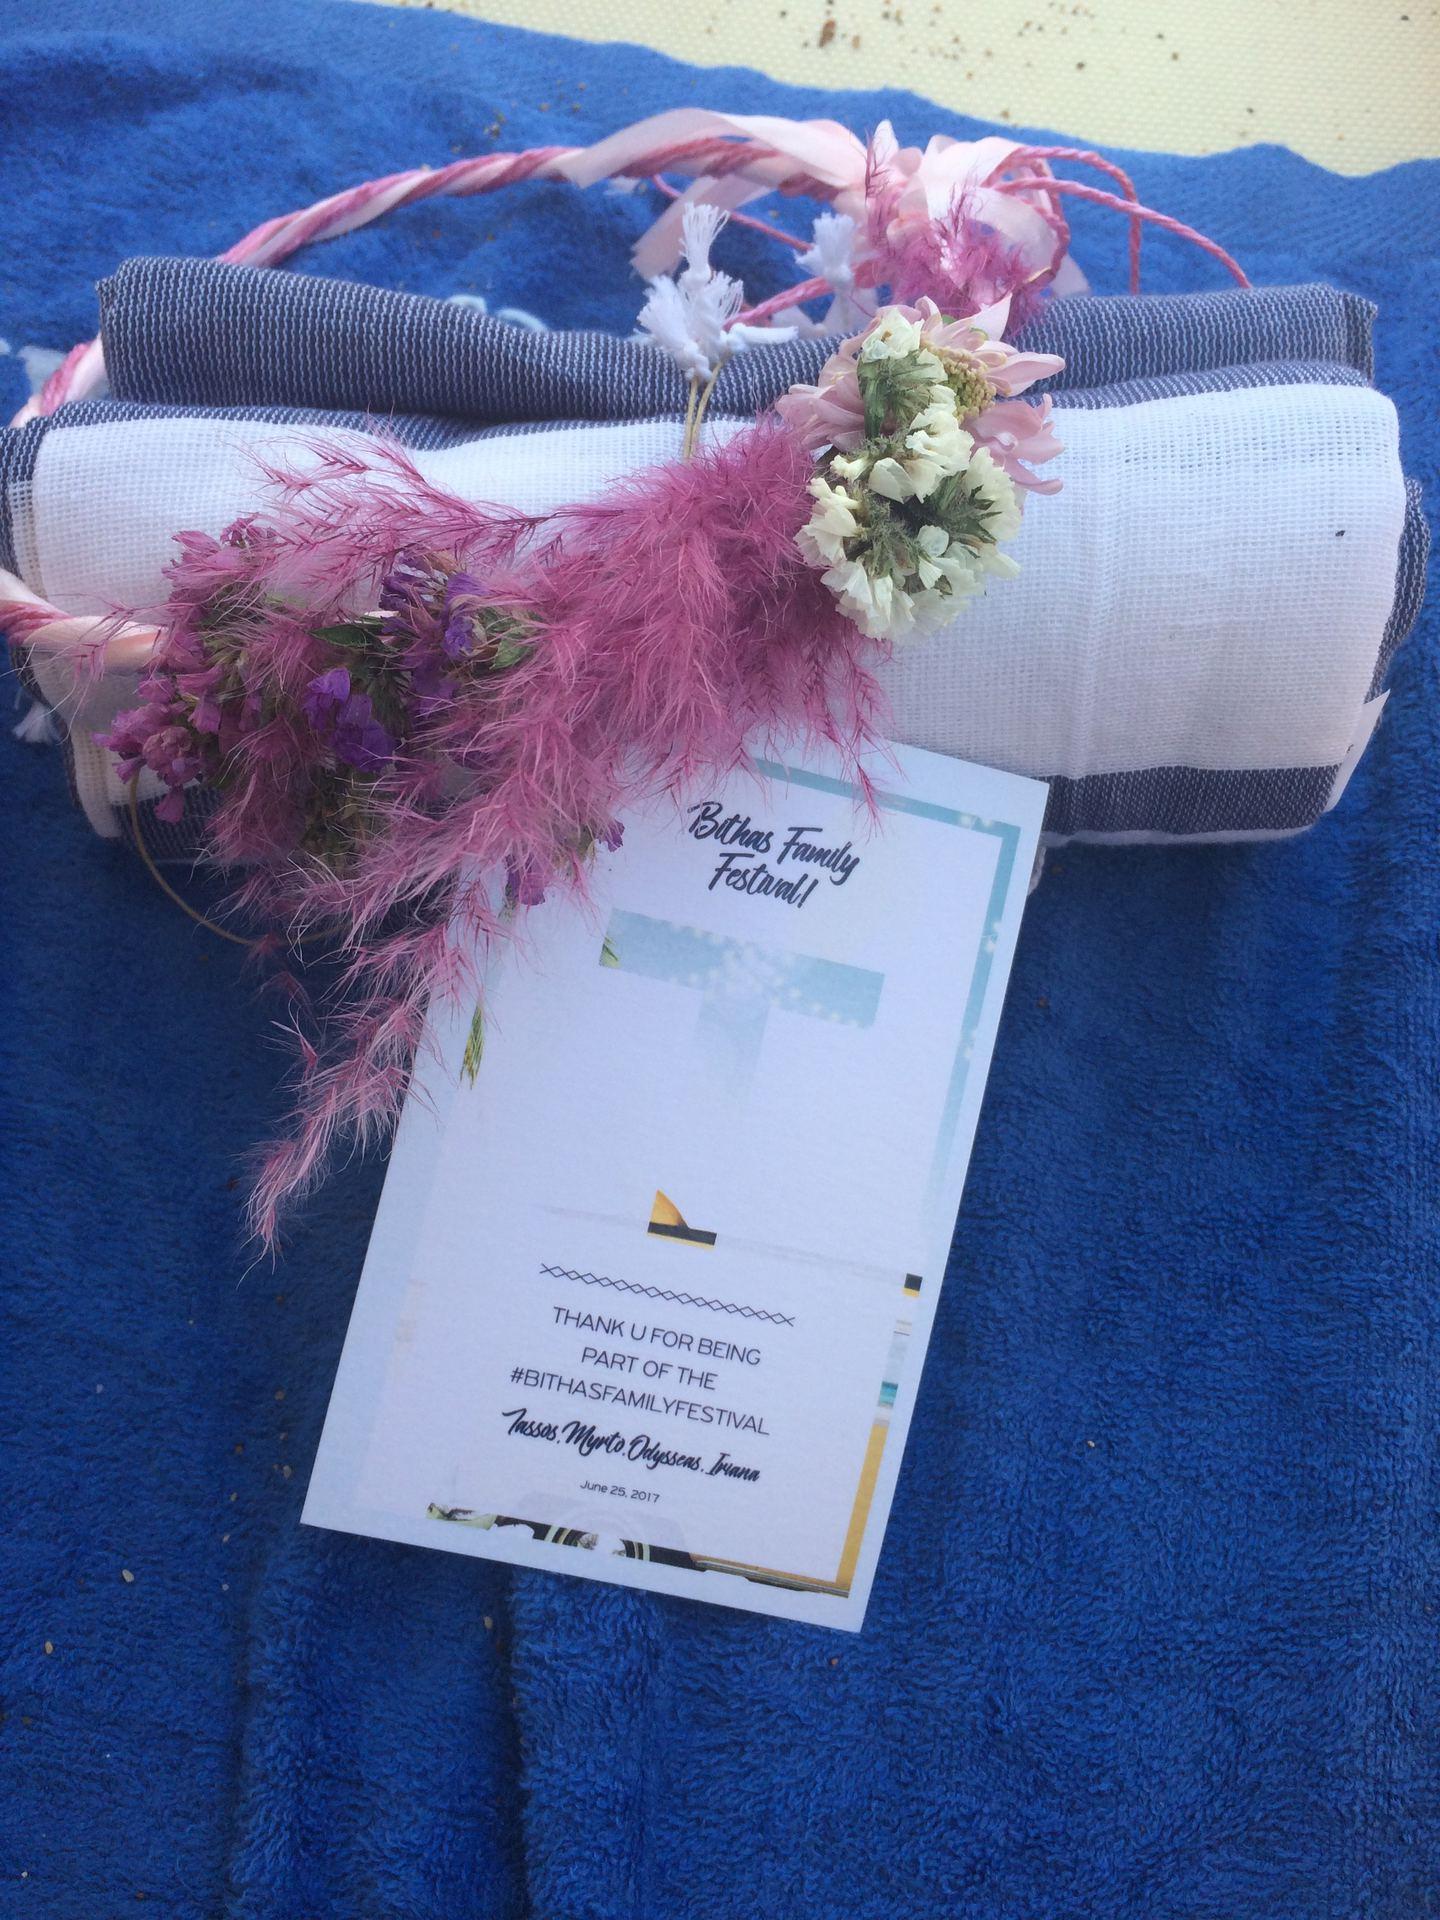 Παρεό που μας μοίρασε το ζευγάρι την επόμενη μέρα του γάμου στην παραλία Καΐκι για τις after wedding βουτιές!